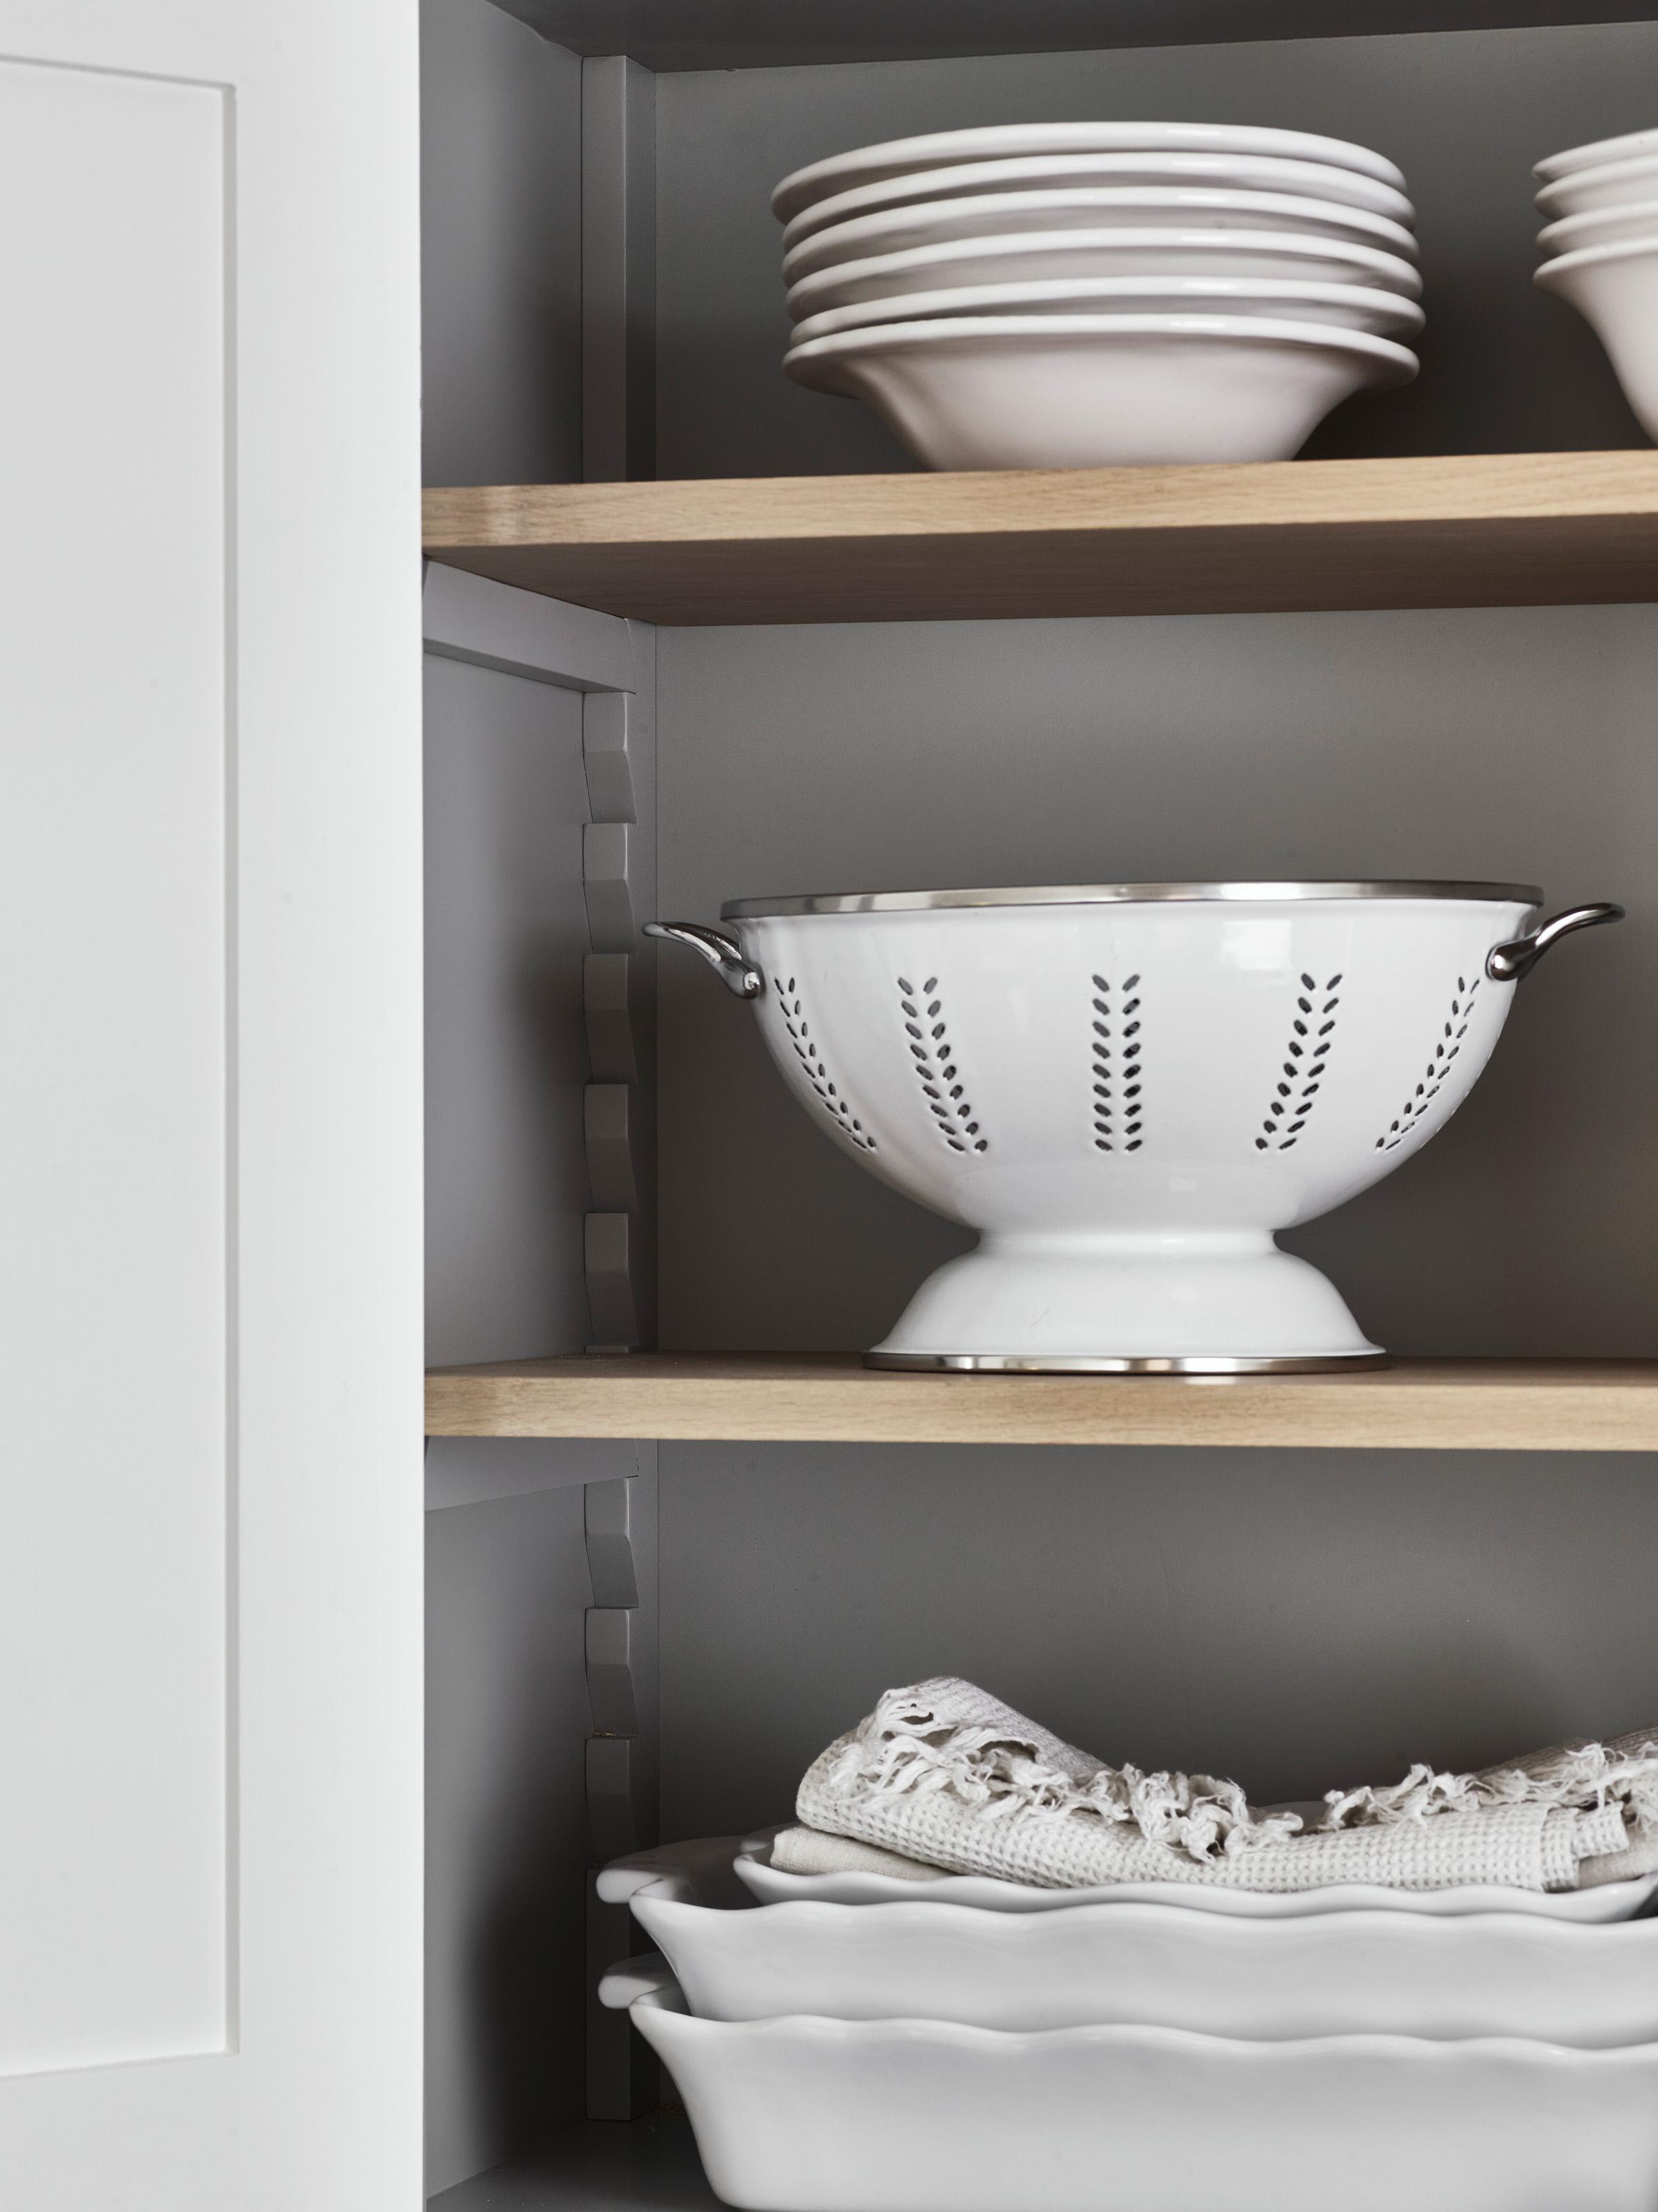 Geschirr Landhausstil henley küche küche regal geschirr landhausstil